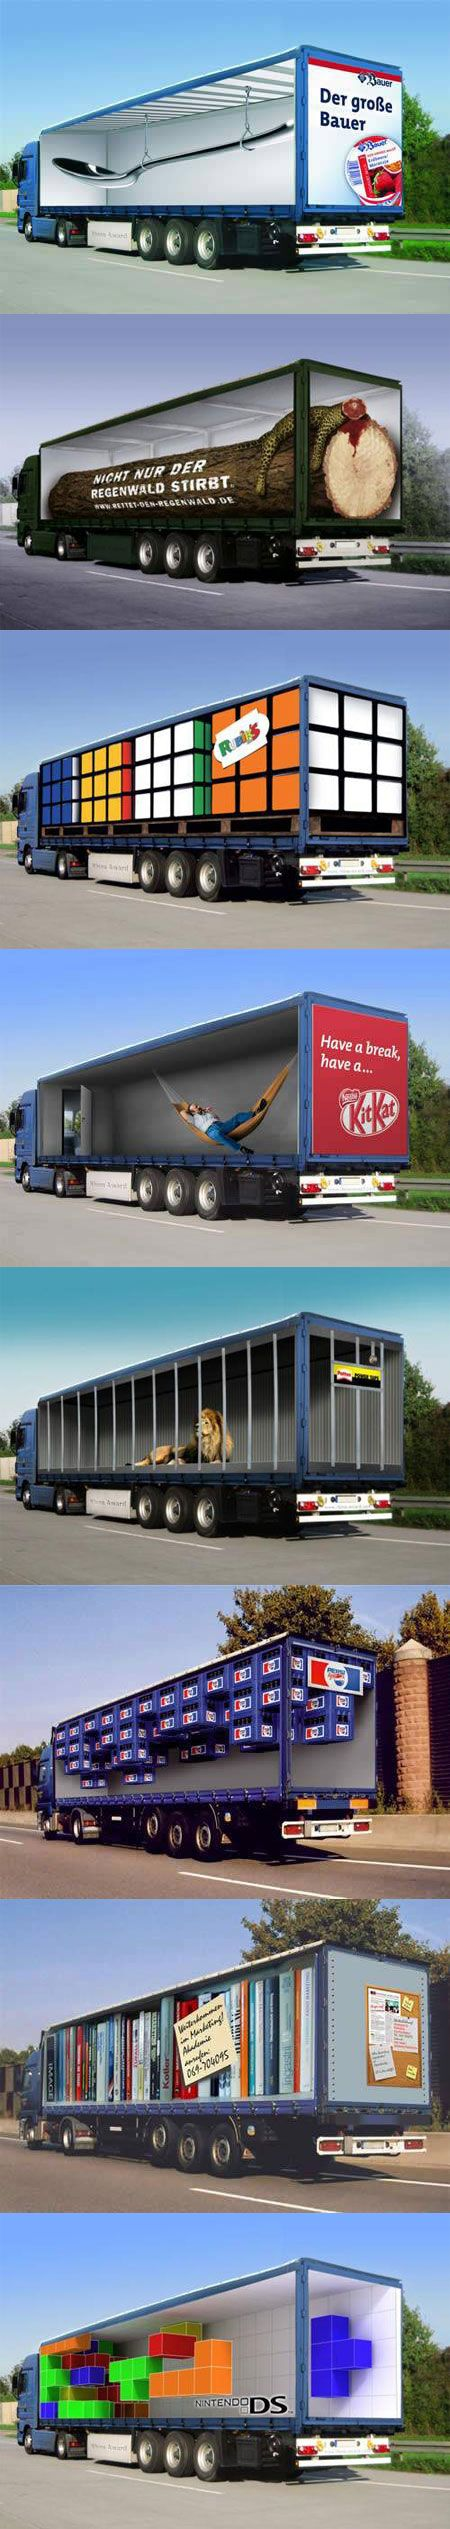 트럭의 안에 공간이 보이는것처럼 내용물을 광고하는 방식이 새롭다.